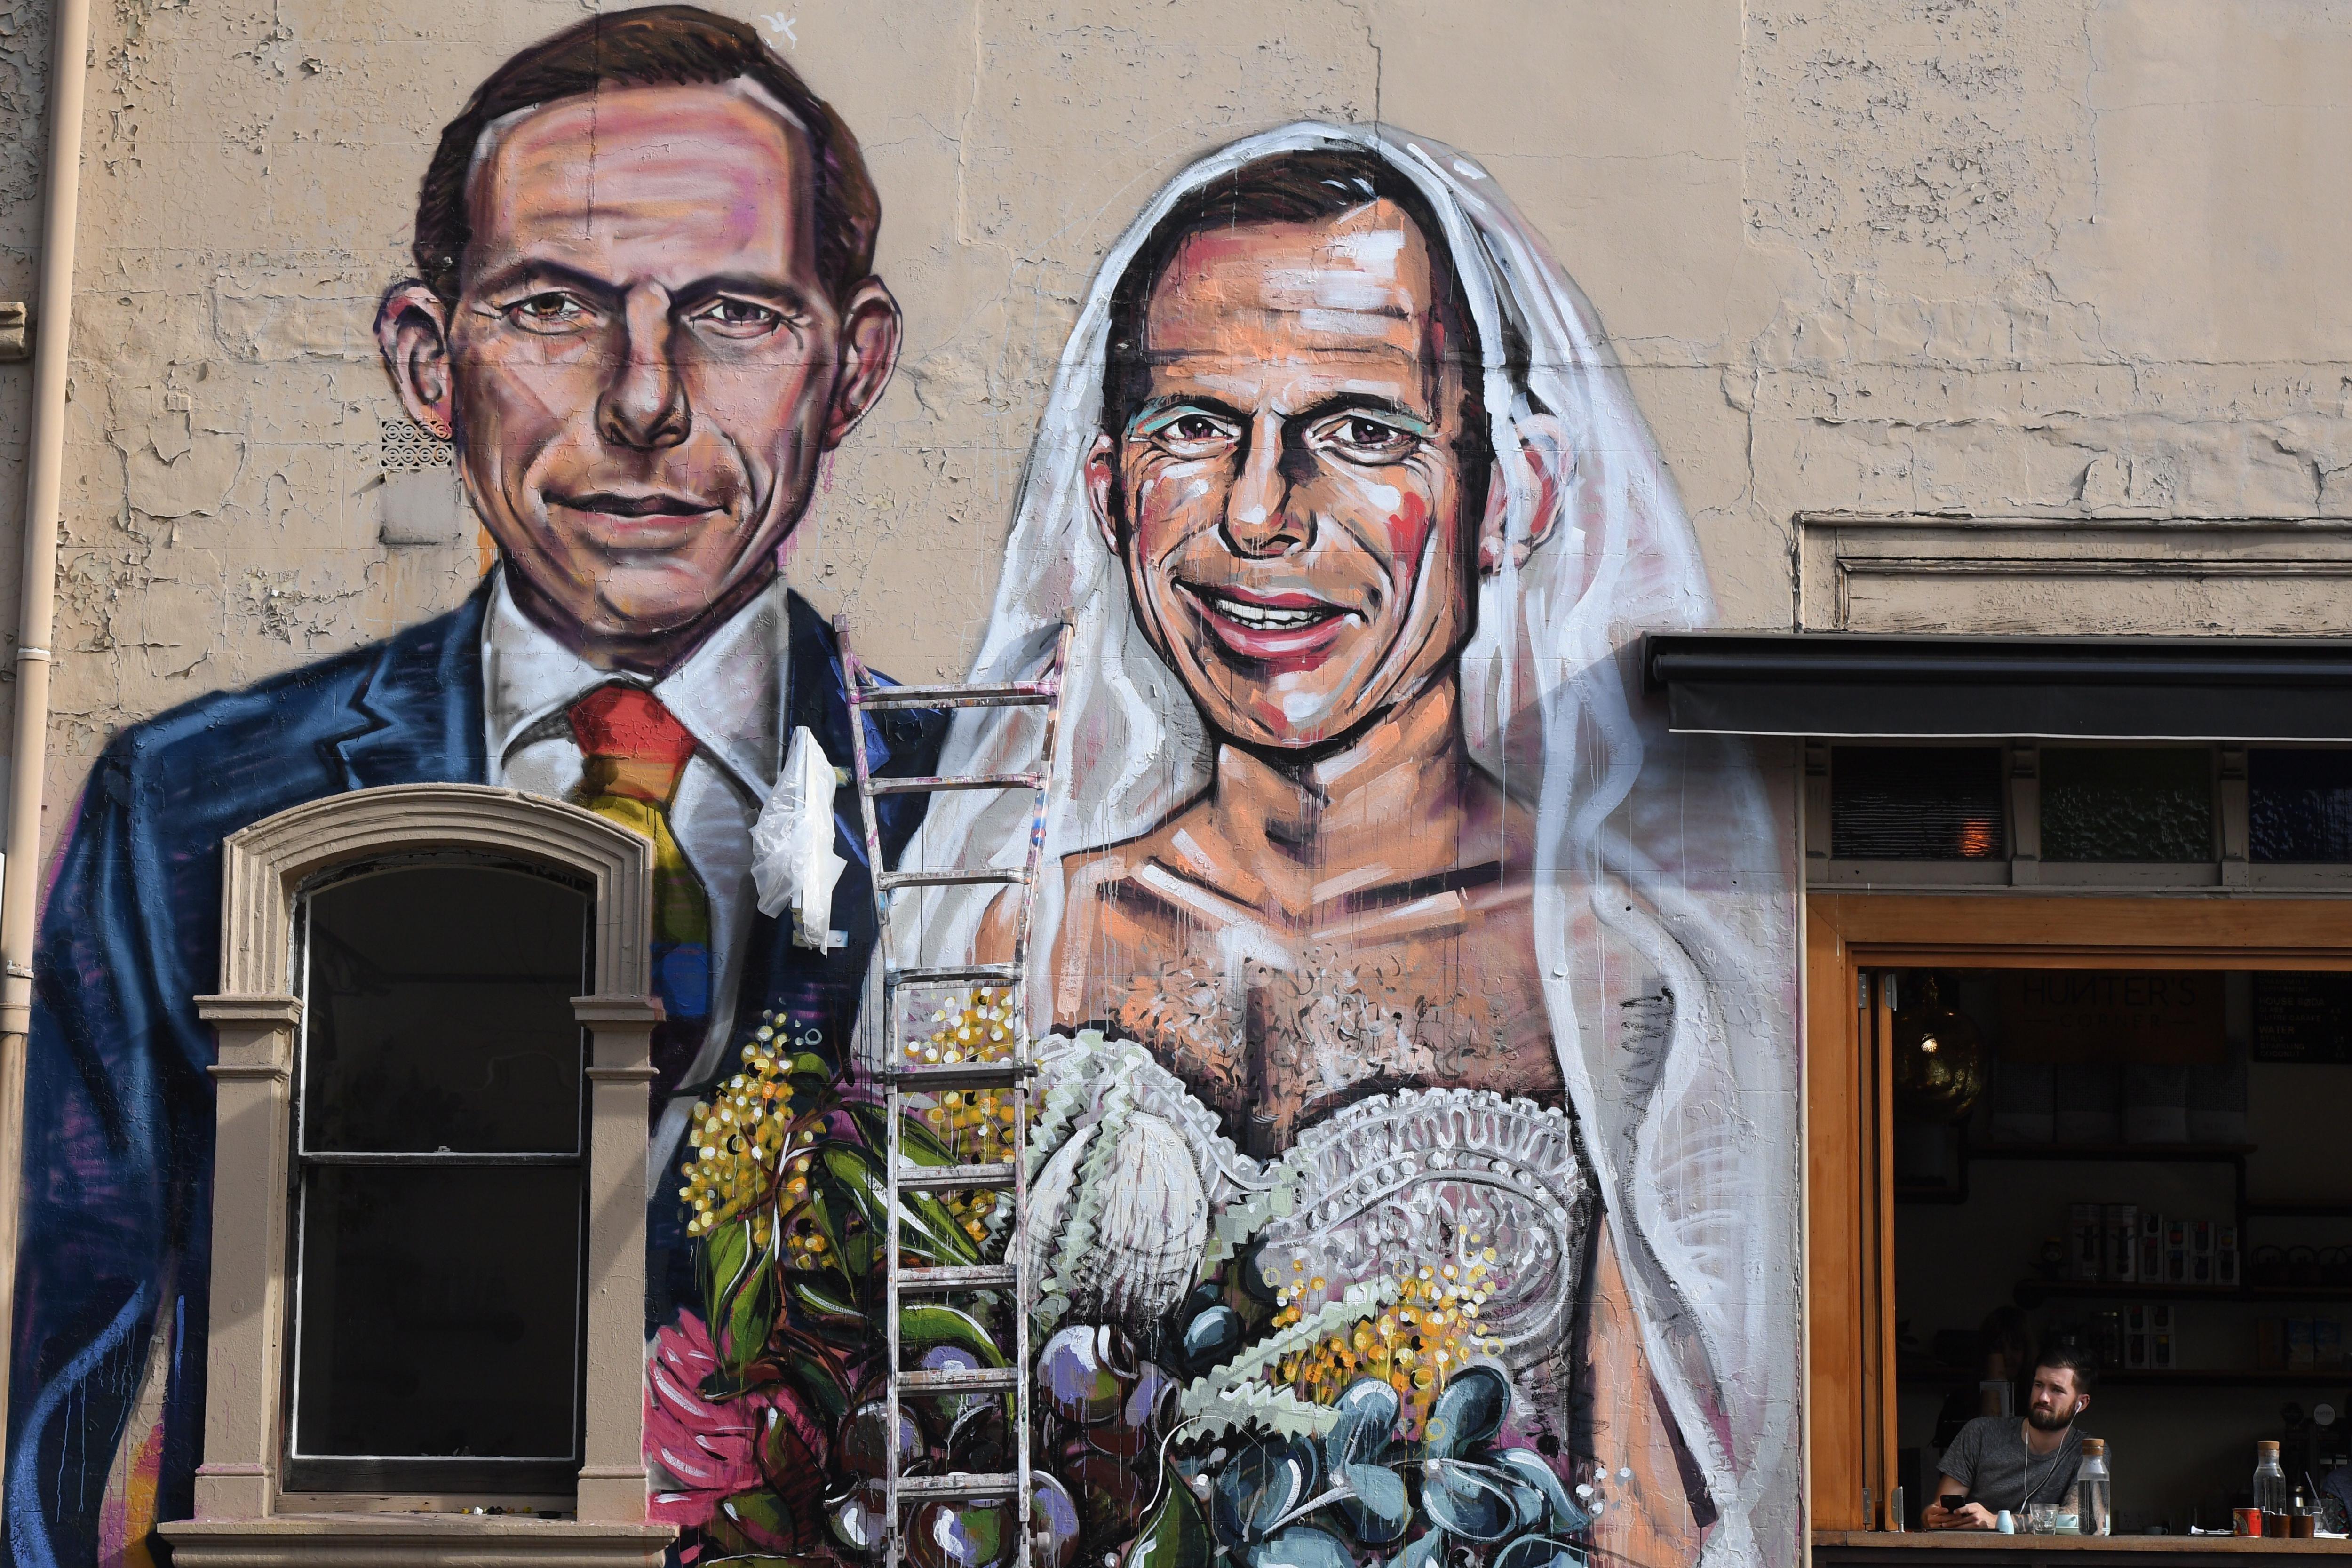 Mural on apareix el primer ministre australià, Tony Abbott, casant-se amb si mateix, a Sydney (Austràlia). El mural és obra de l'artista Scott Marsh. /DEAN LEWINS